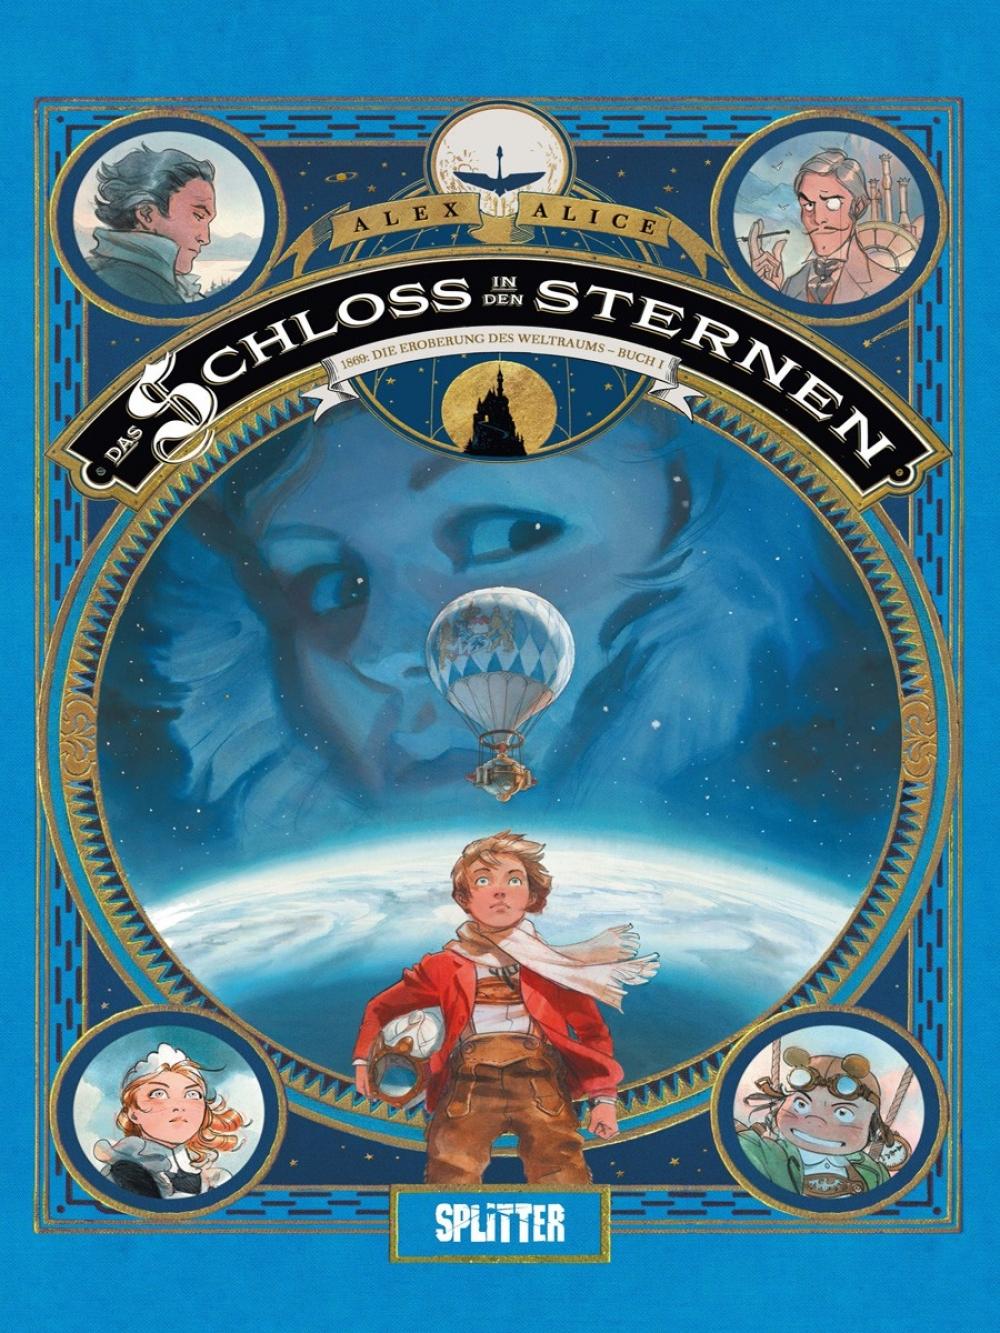 Das Schloss in den Sternen 1 : 1869 - Die Eroberung des Weltraums - Buch 1